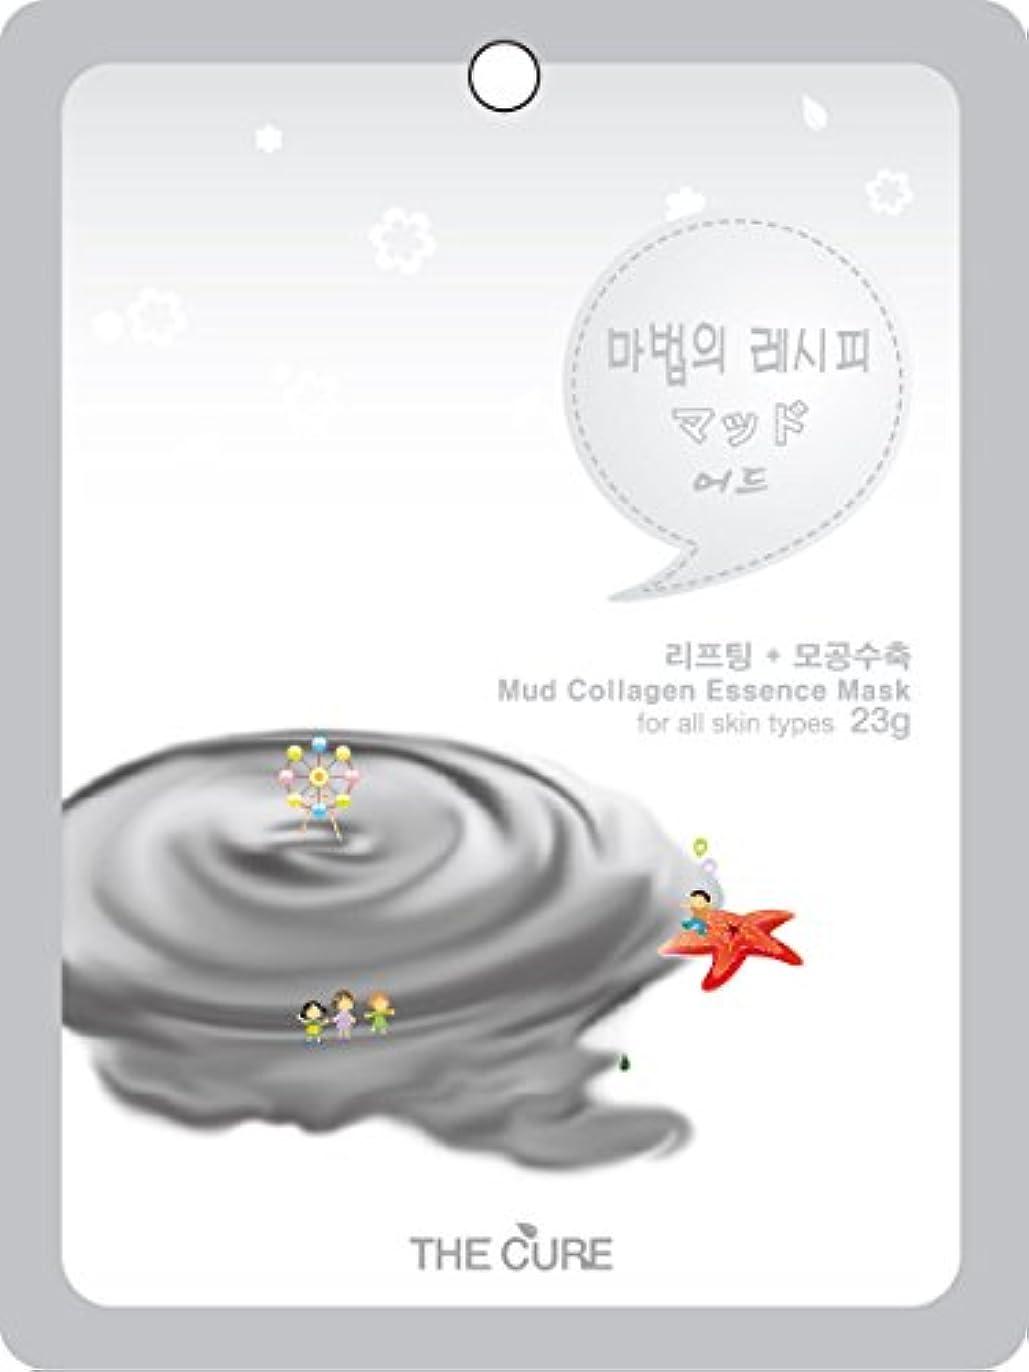 マークオペラジュニアマッド コラーゲン エッセンス マスク THE CURE シート パック 100枚セット 韓国 コスメ 乾燥肌 オイリー肌 混合肌